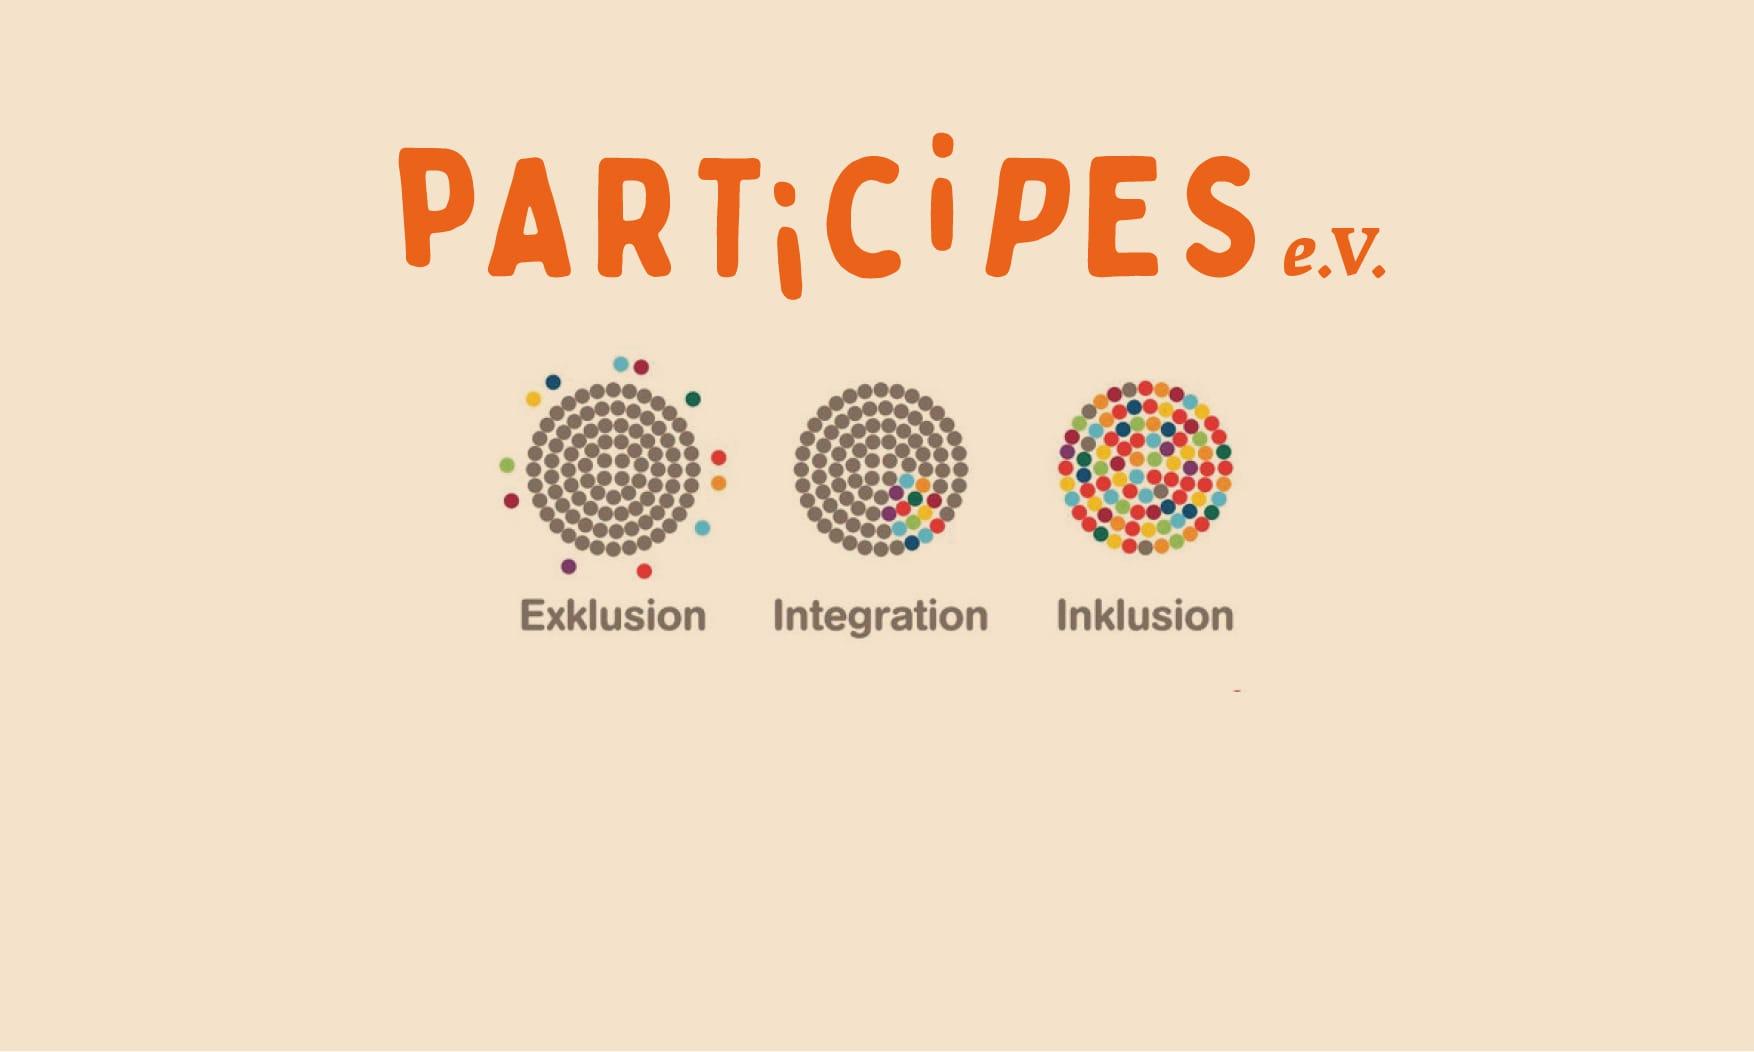 Participes e.V. Inklusion - Selbstorganisiertes, gemeinschaftliches Wohnen und Arbeiten in der Region StarnbergAmmersee